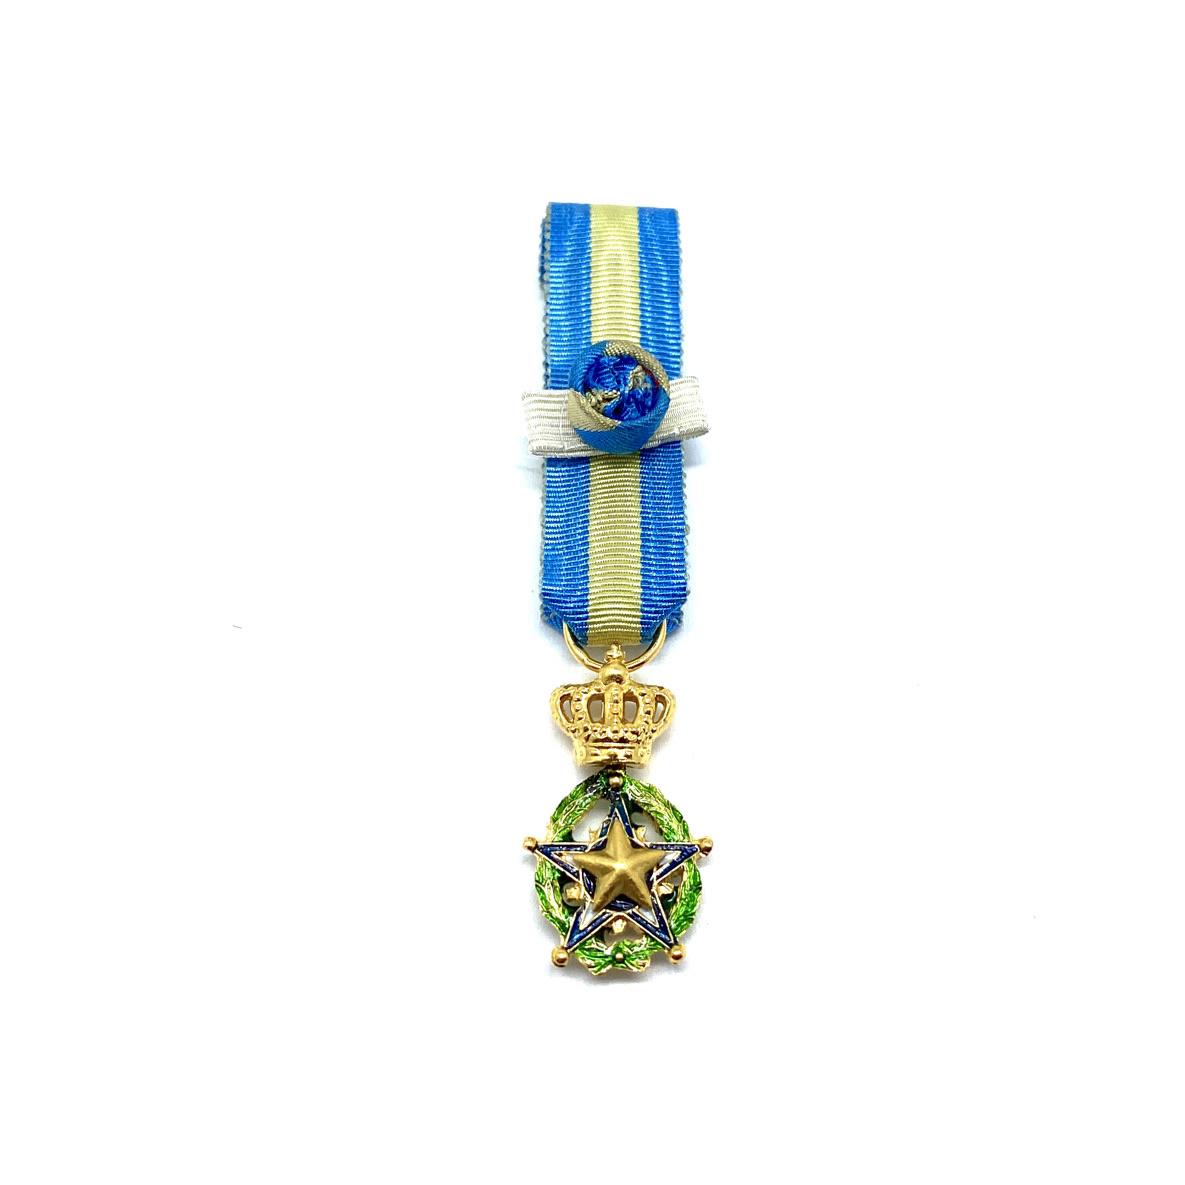 Commandeur de l'Ordre de l'Étoile Africaine